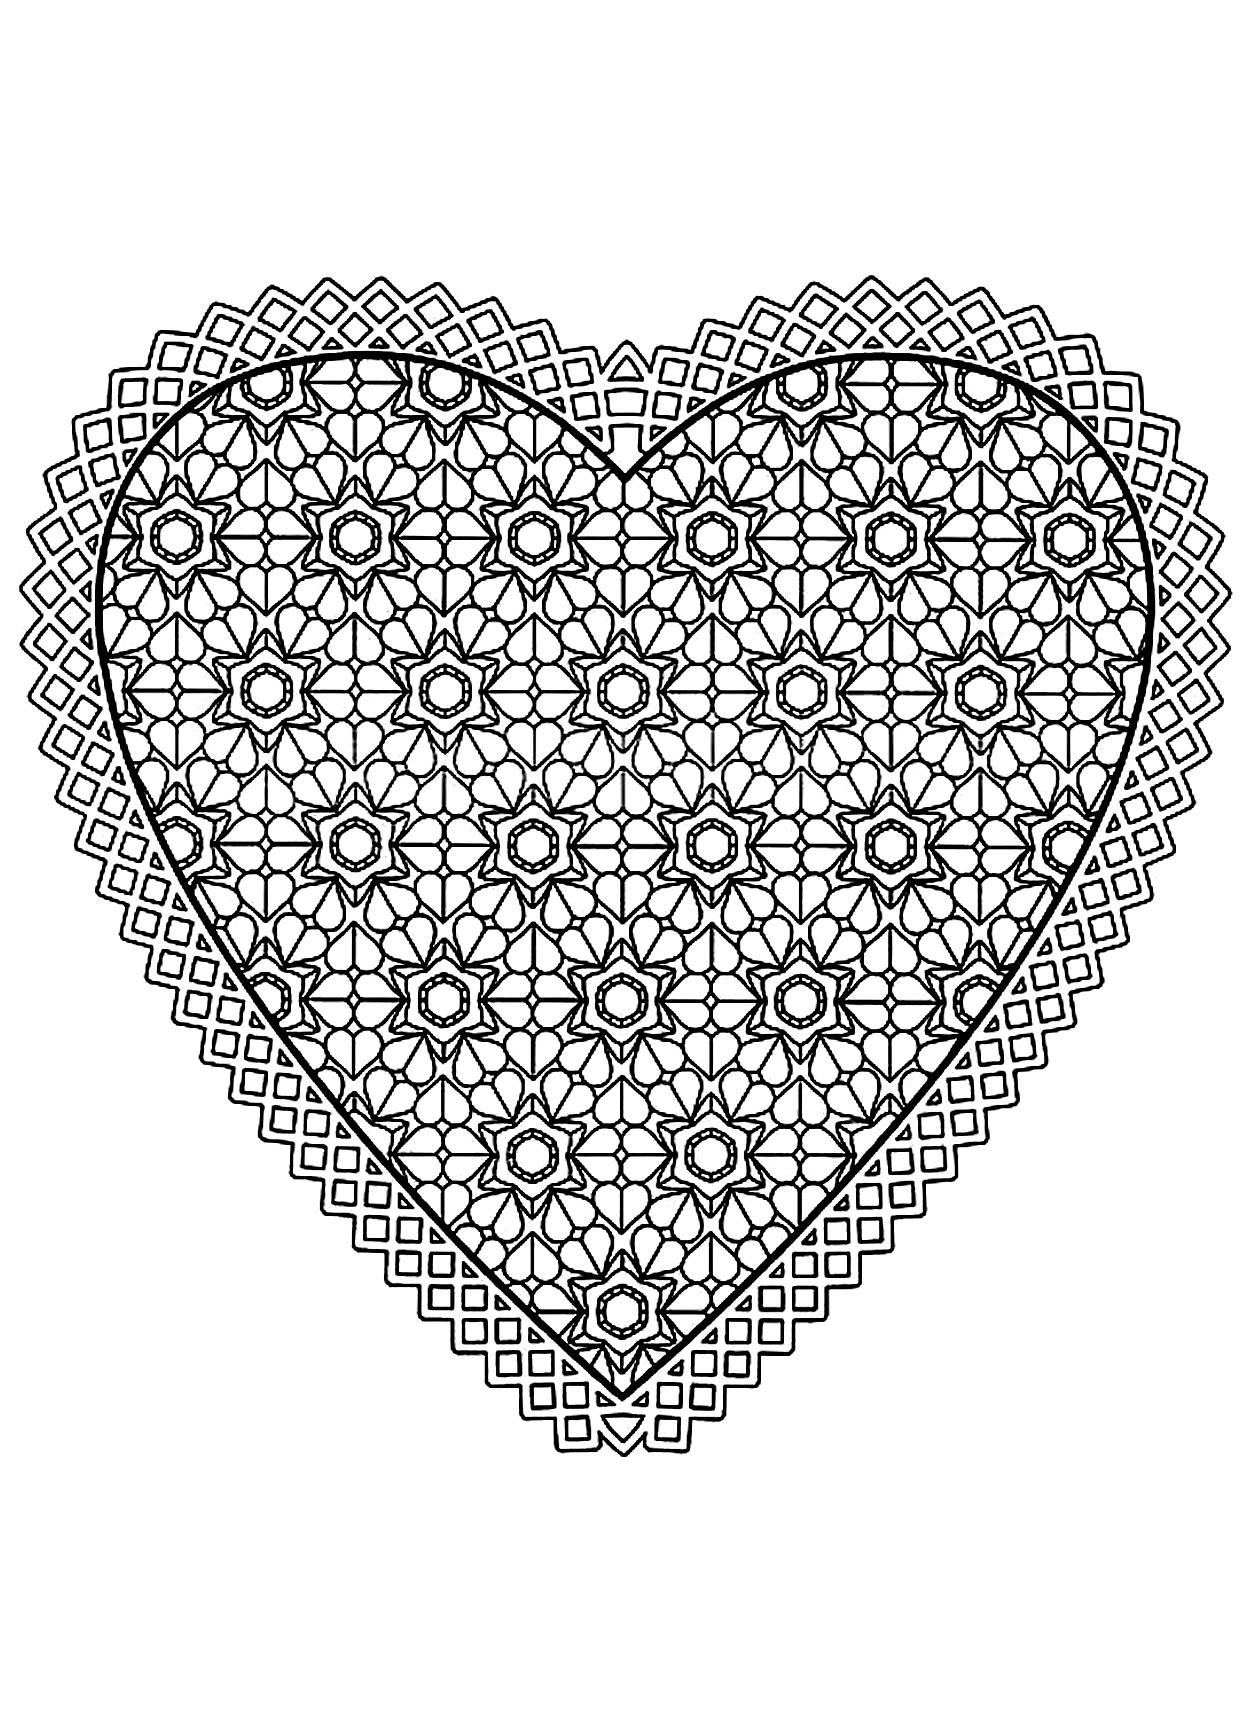 Meilleur De Dessin à Imprimer Mandala Coeur